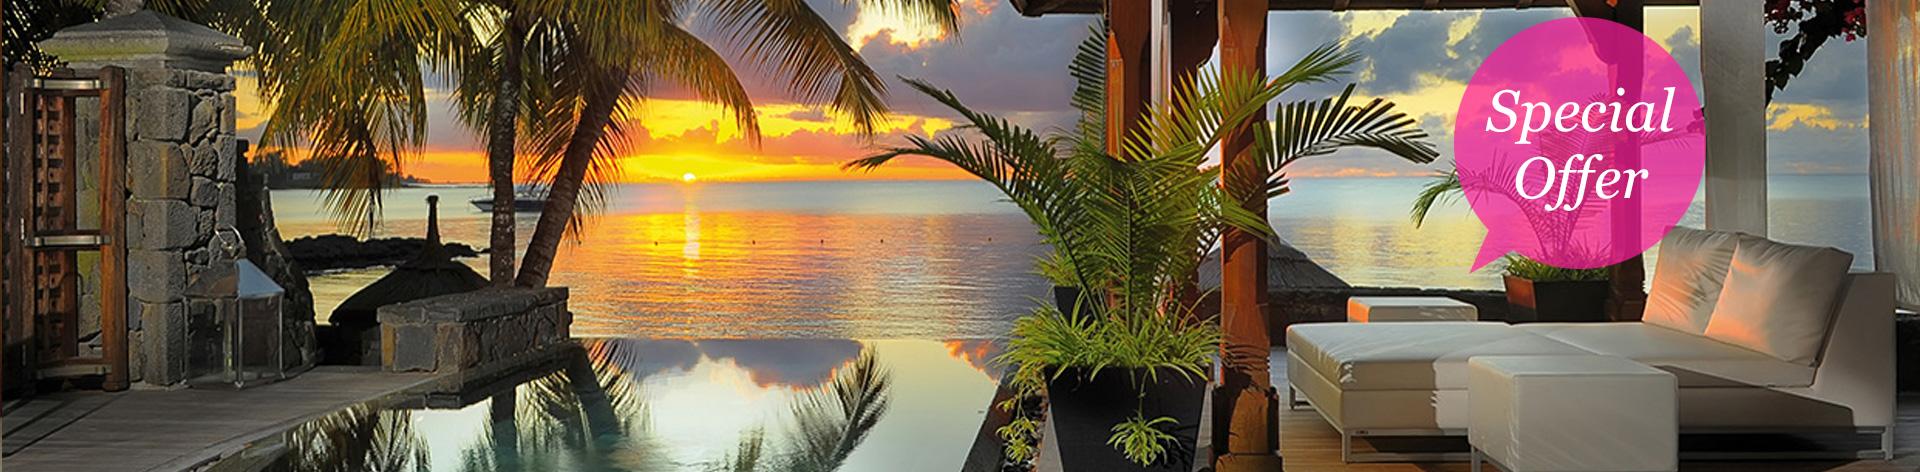 Remise de 20%  - Royal Palm Mauritius